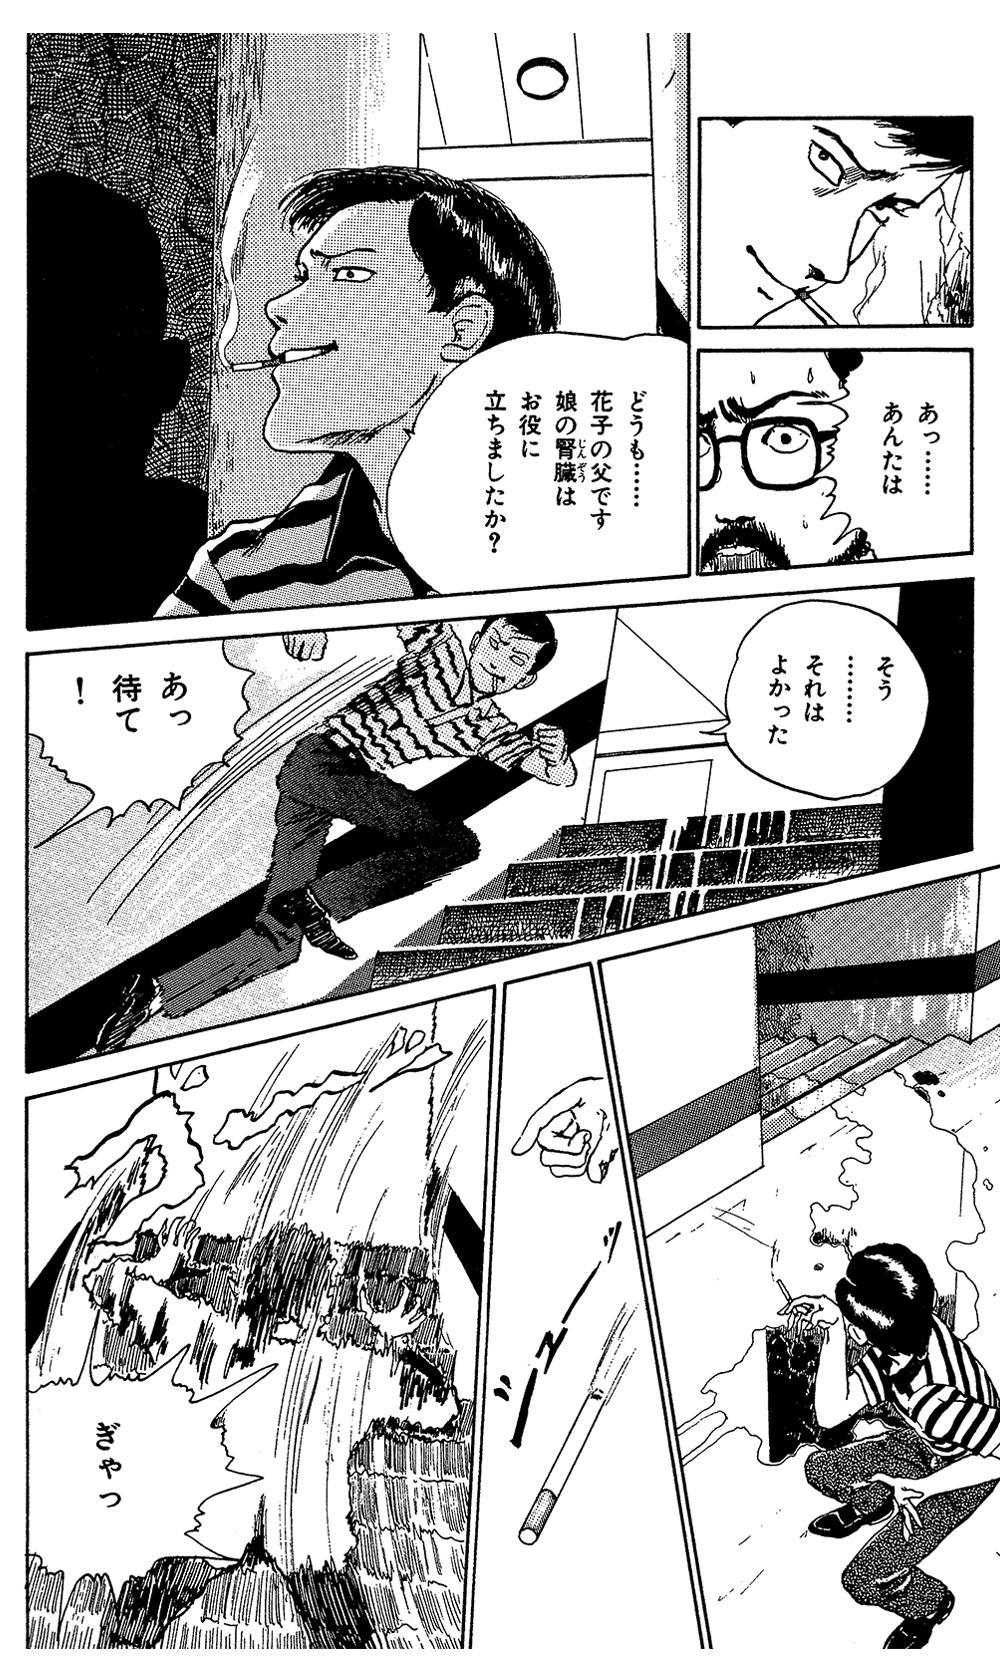 伊藤潤二傑作集 第3話「富江 地下室」④junji09-08.jpg